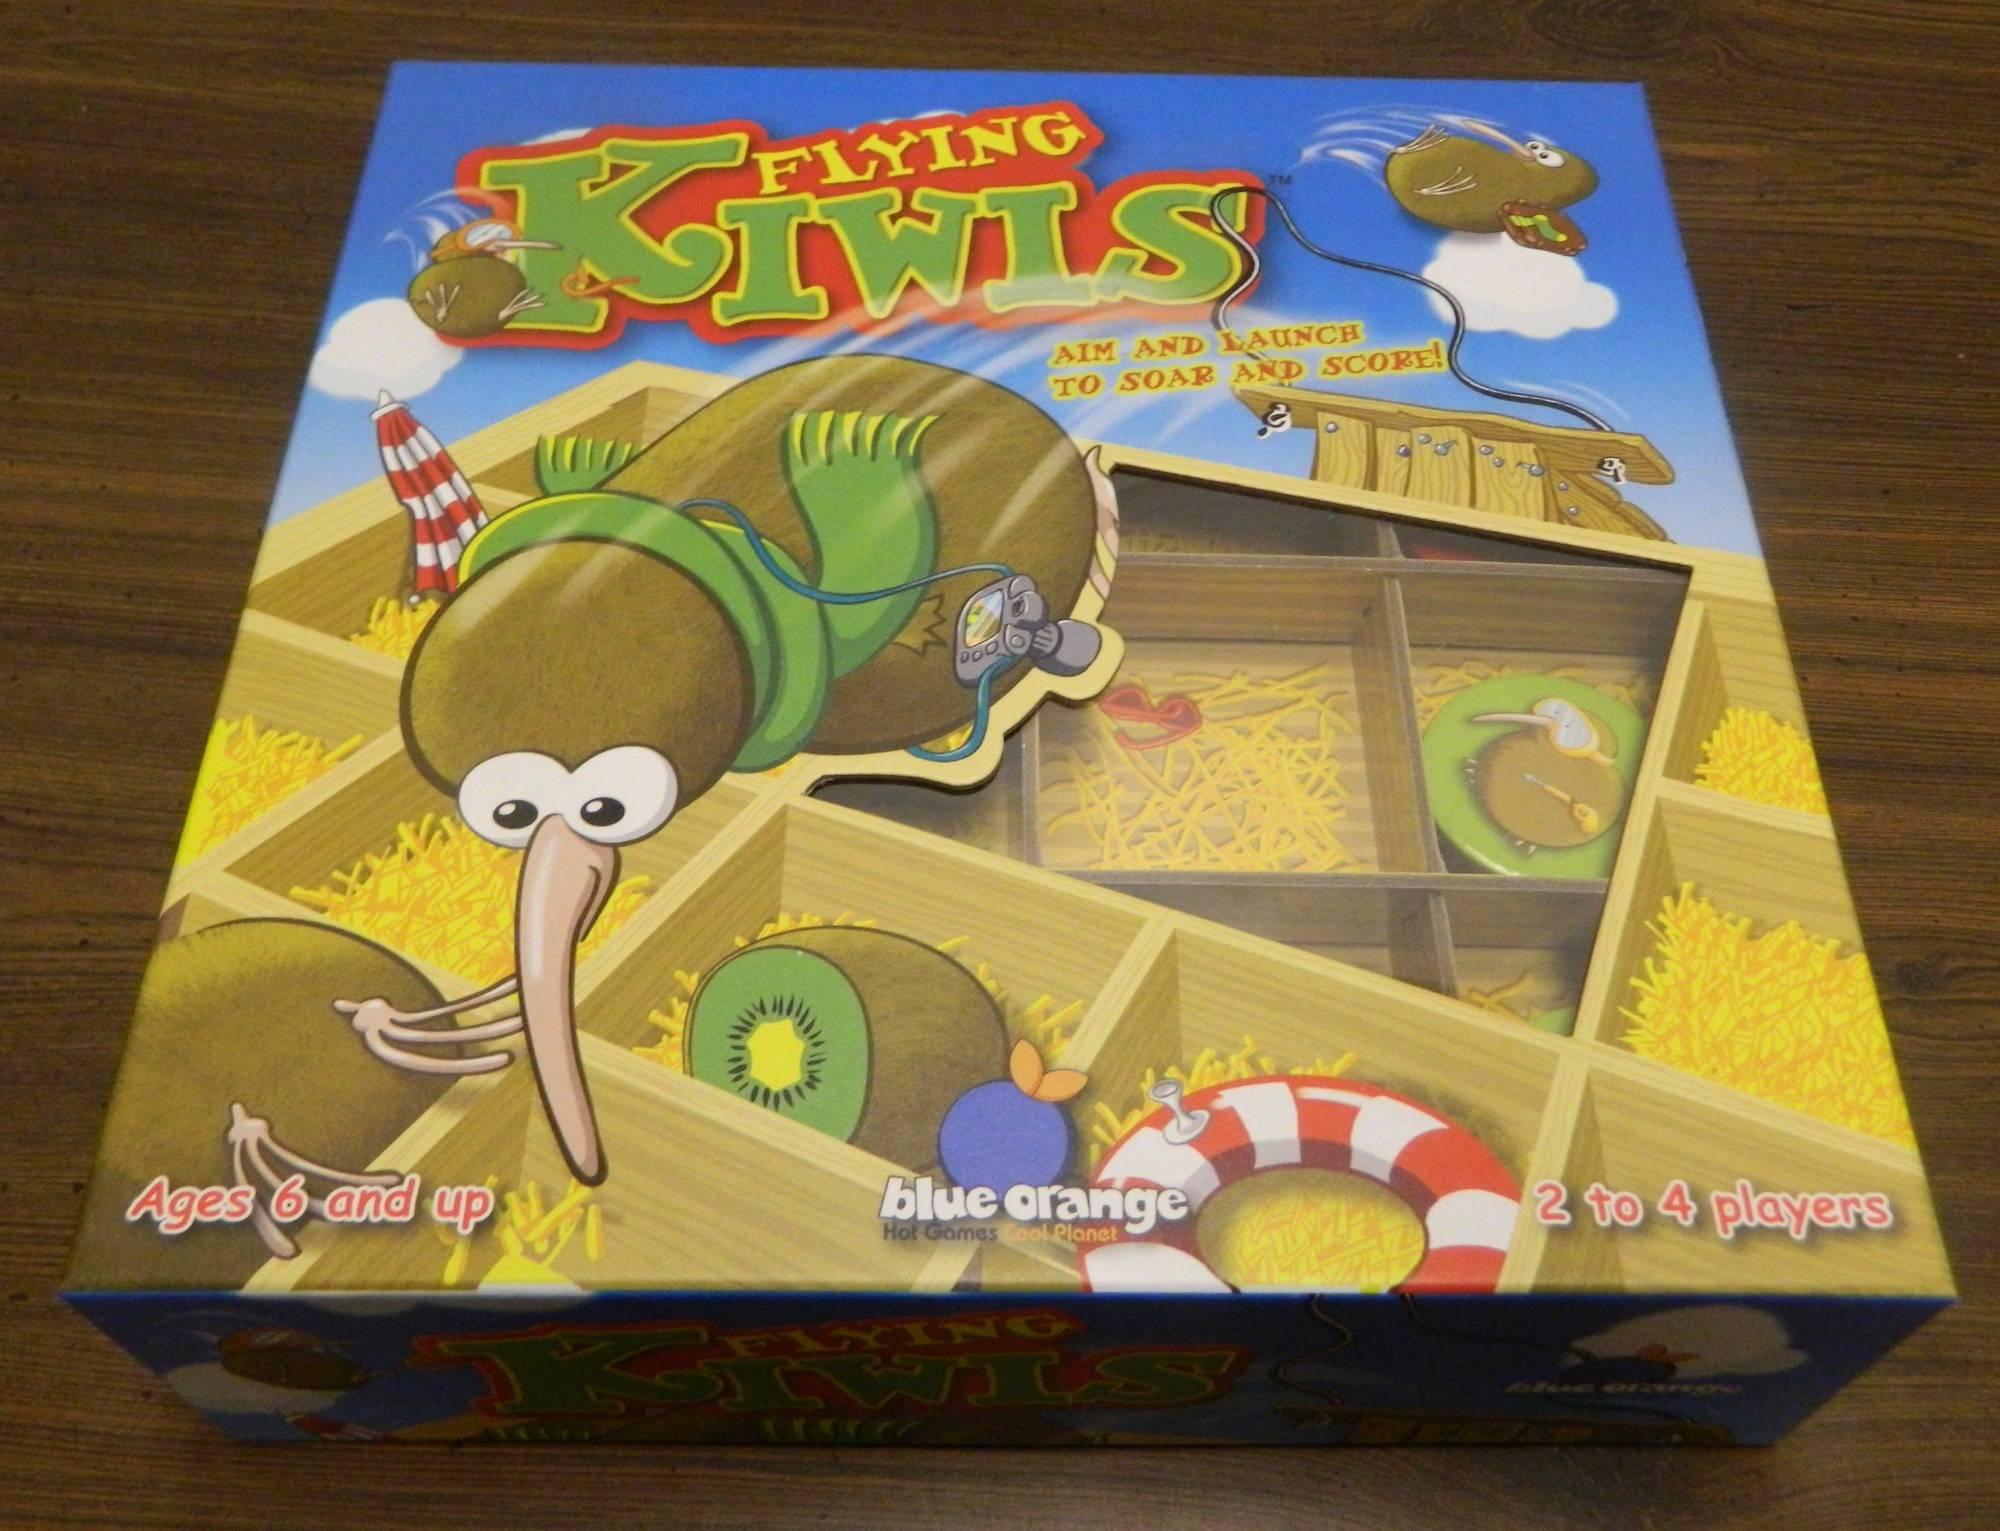 Box for Flying Kiwis